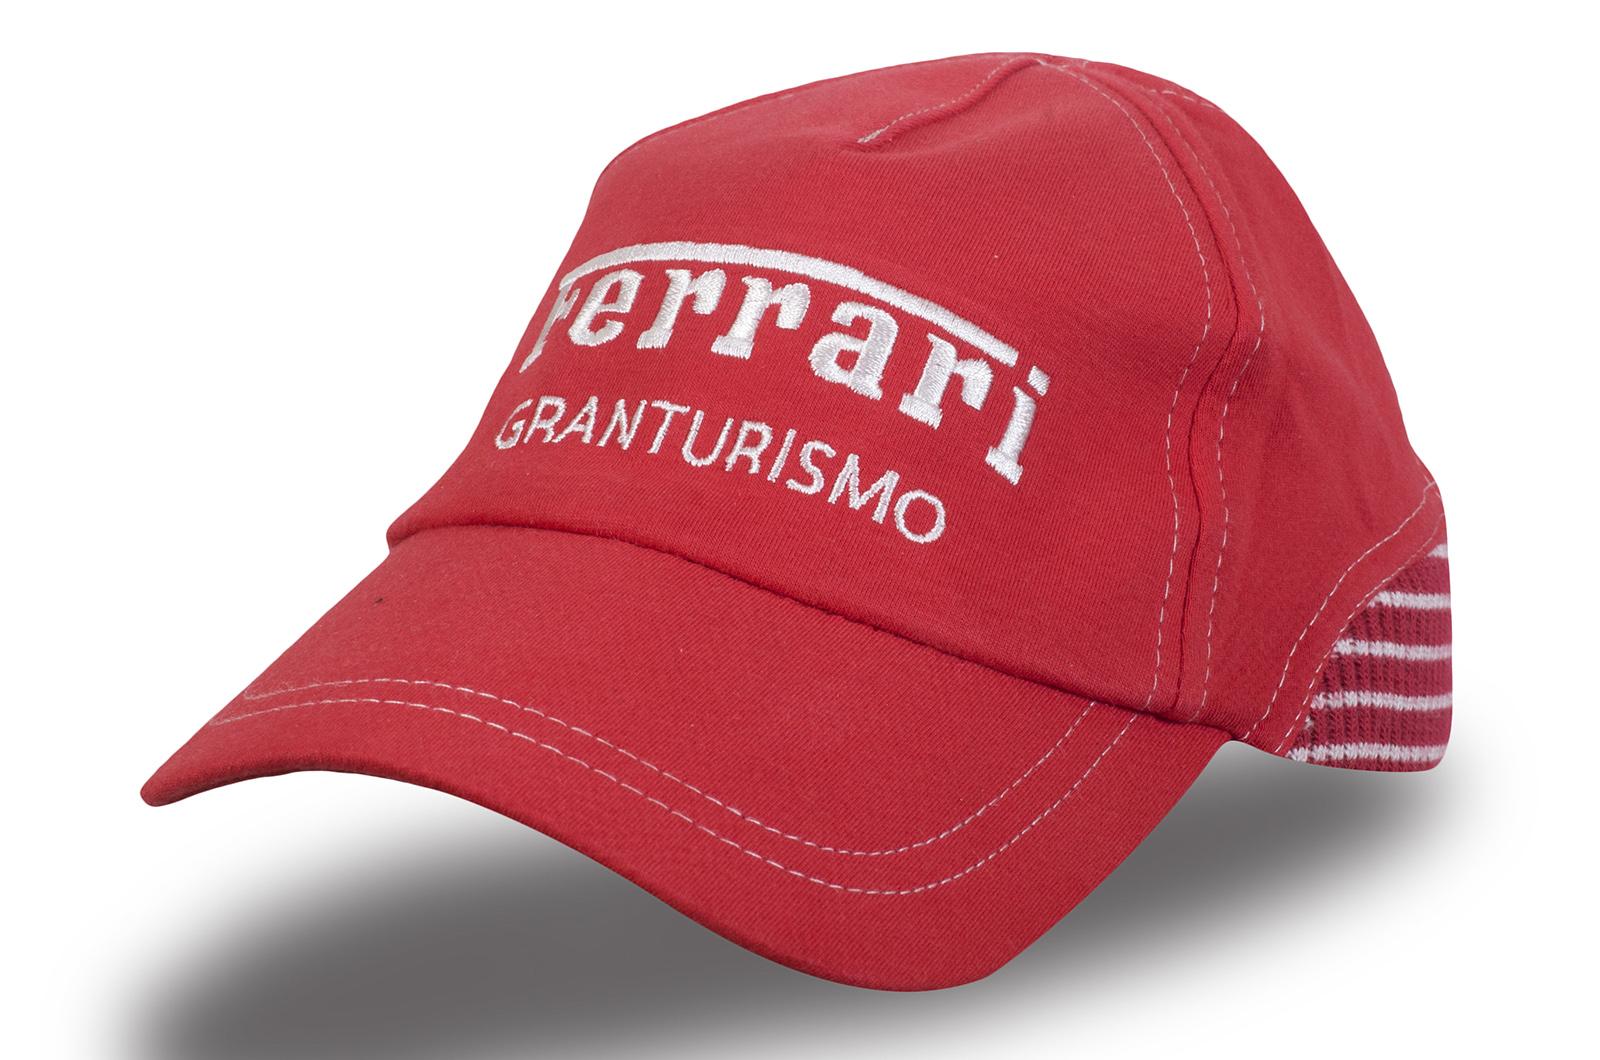 Красная кепка Феррари - купить в интернет-магазине с доставкой